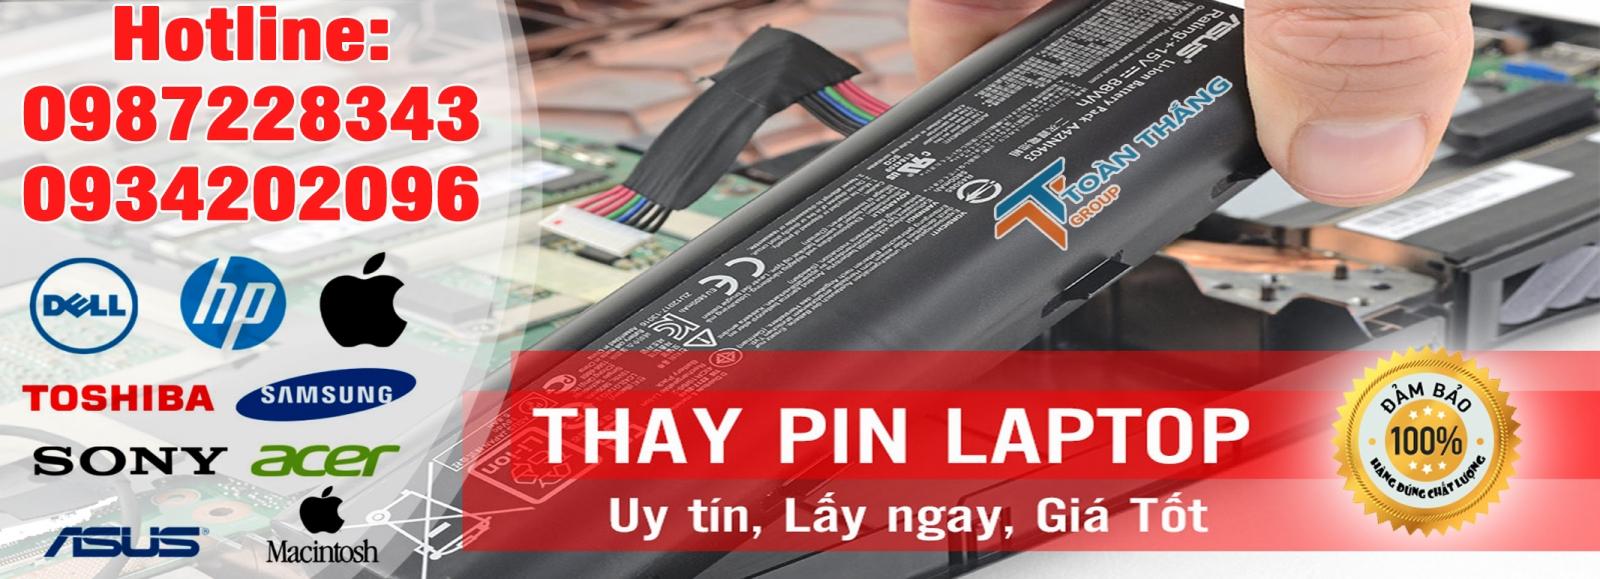 Công Ty Dịch Vụ Thay Pin Laptop Tận Nơi Huyện Bình Chánh Uy Tín Chính Hãng